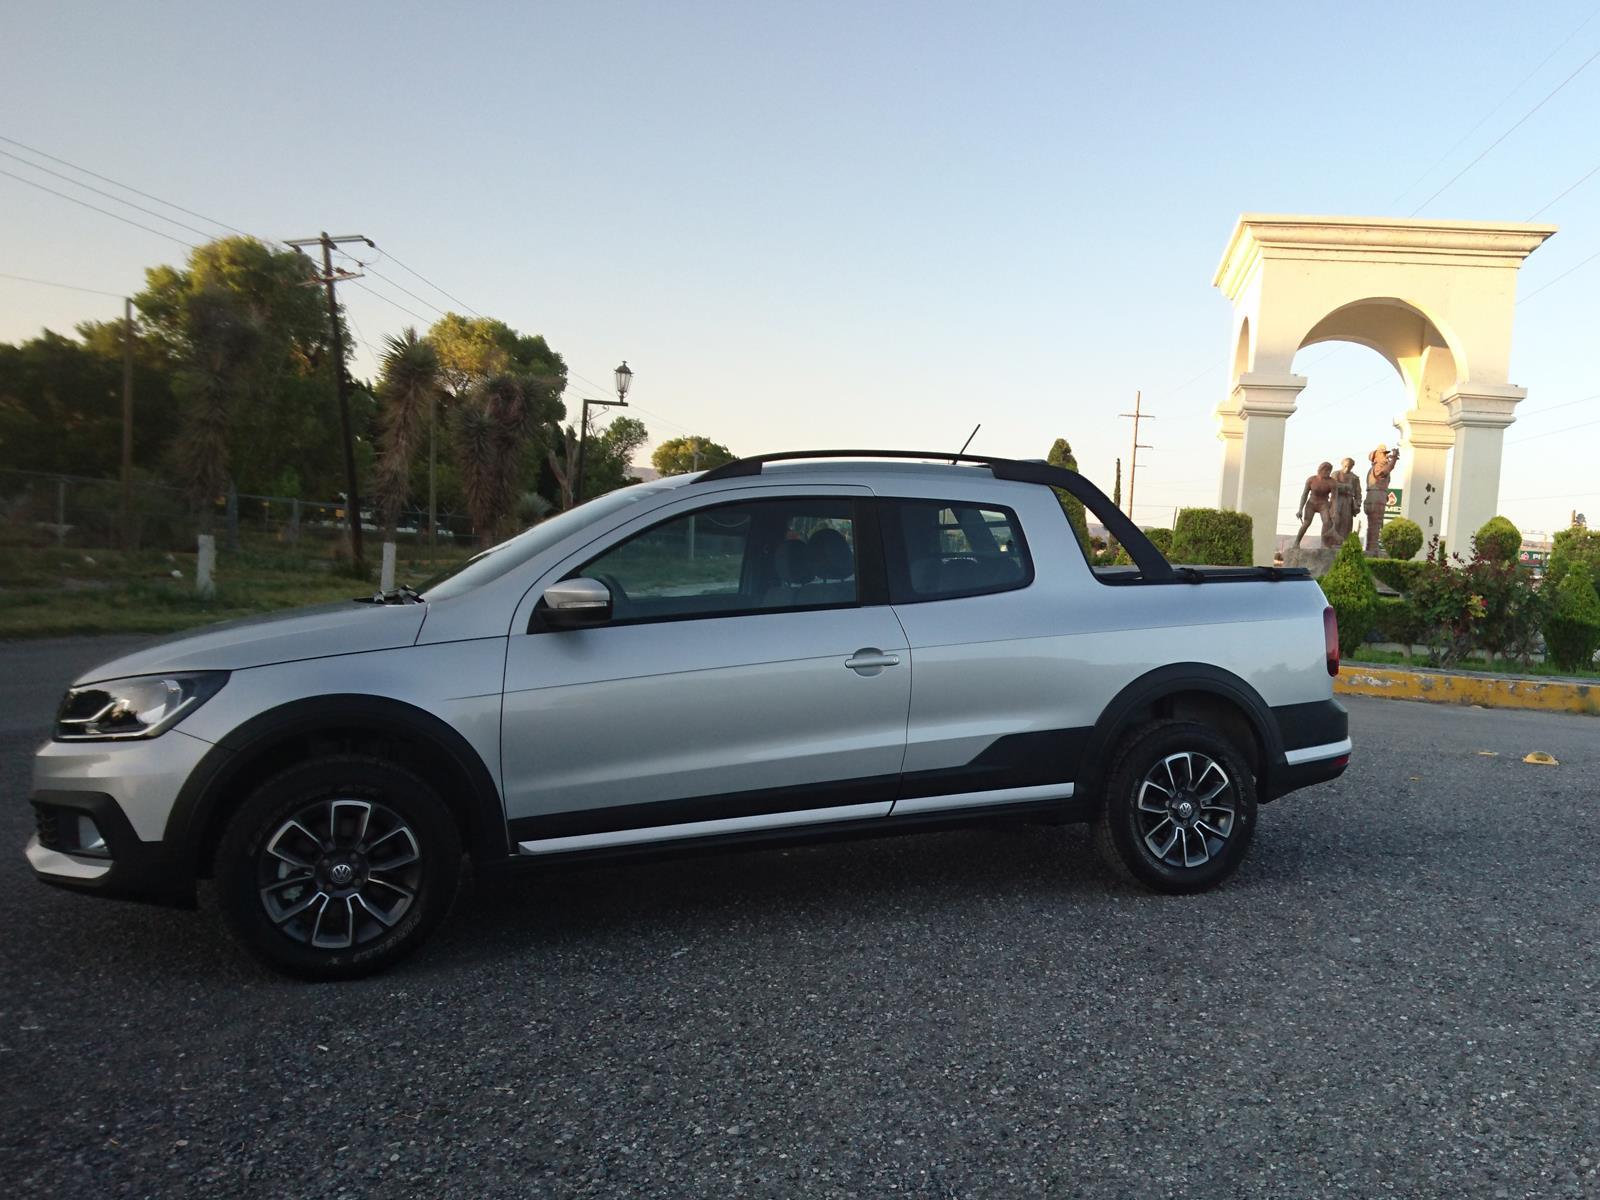 Volkswagen Saveiro 2017 debuta - Autocosmos.com